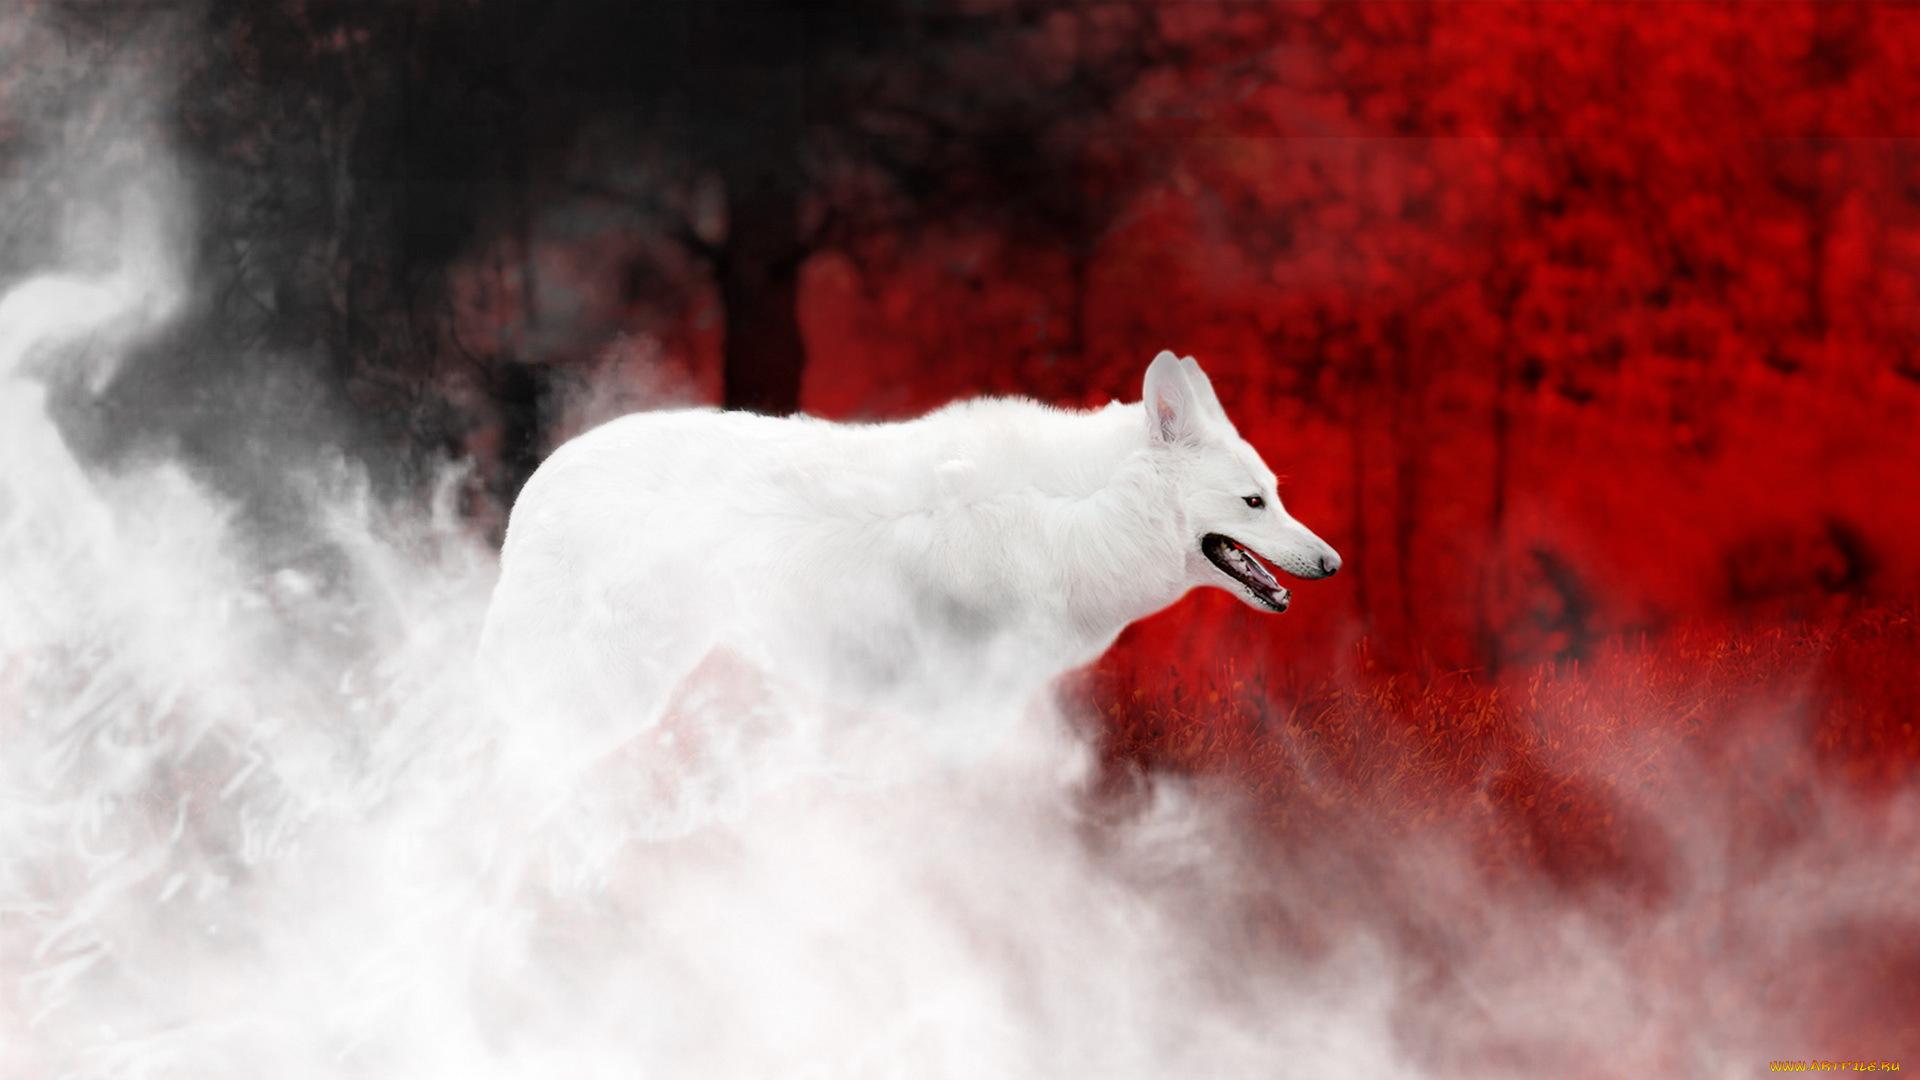 года года картинка волка из которого выходит дым для уборки